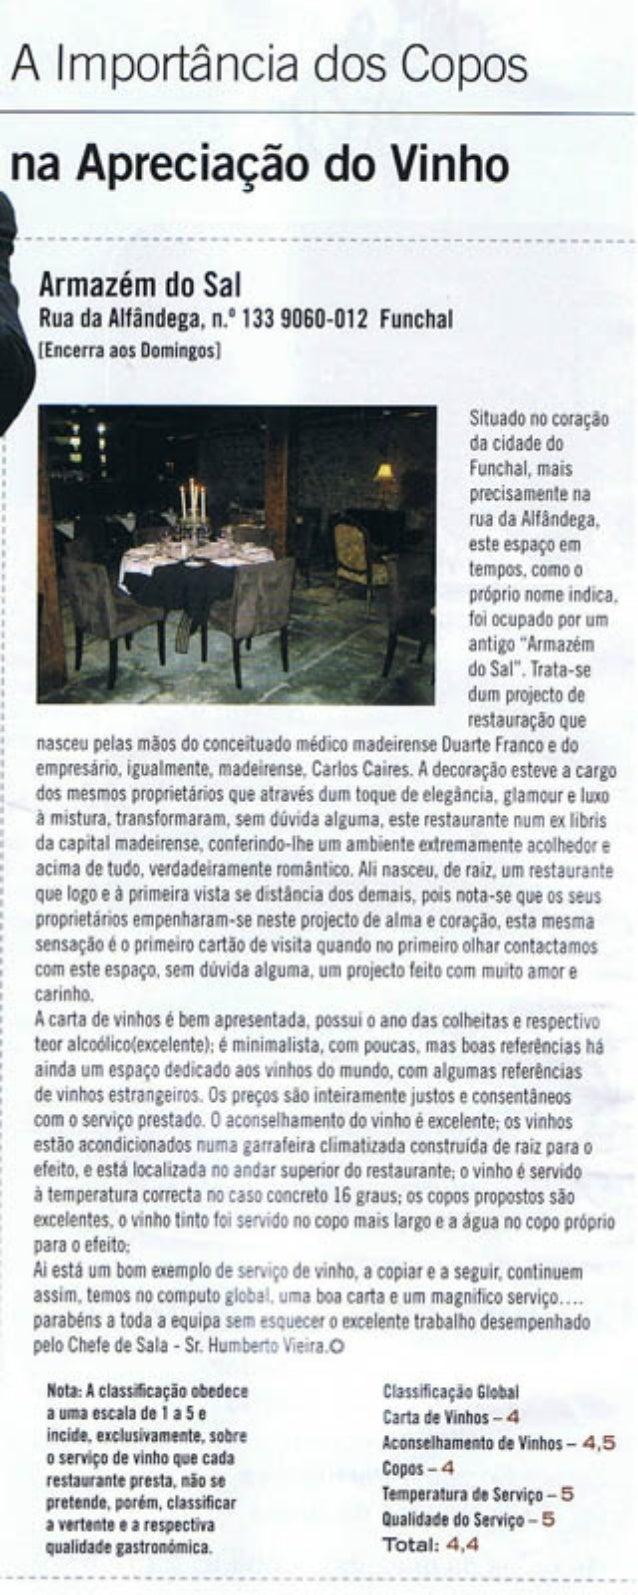 """""""A importancia dos Copos"""" in Revista Saber - Agosto de 2007"""